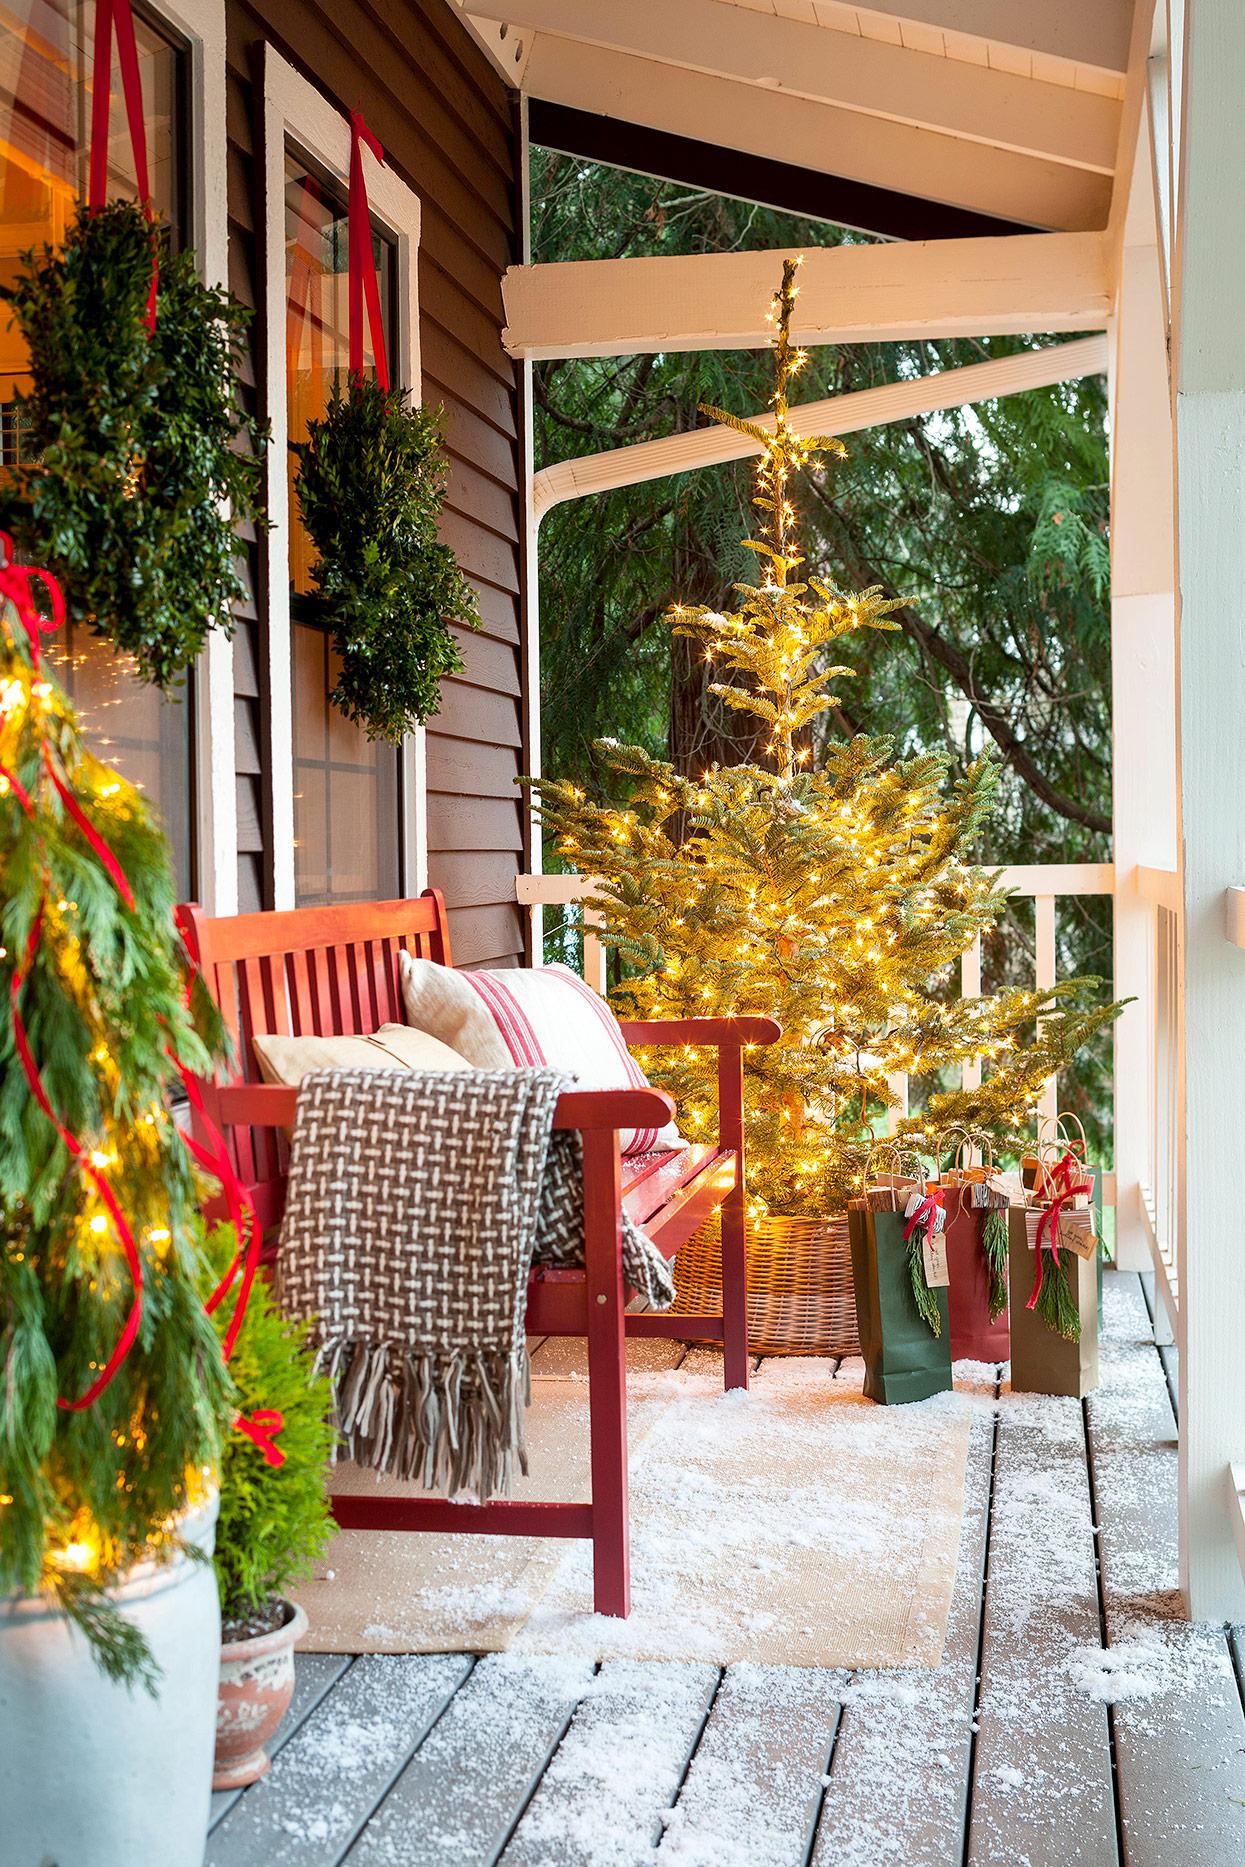 4 Fun Festive Winter Porch Decor Ideas Talkdecor